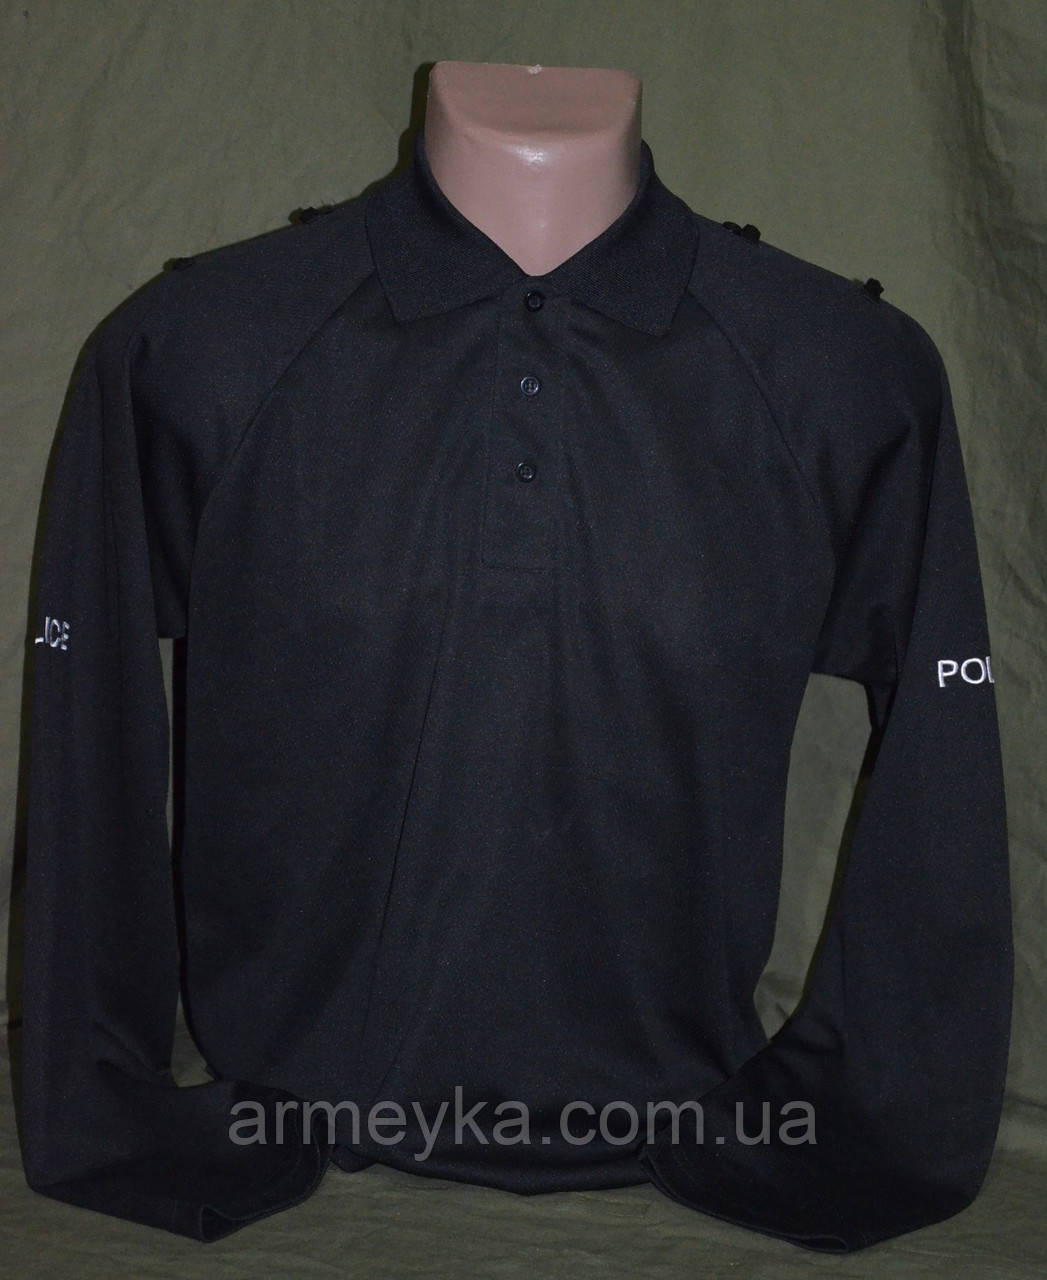 CoolMax реглан-поло полиции Великобритании ,  черная  оригинал